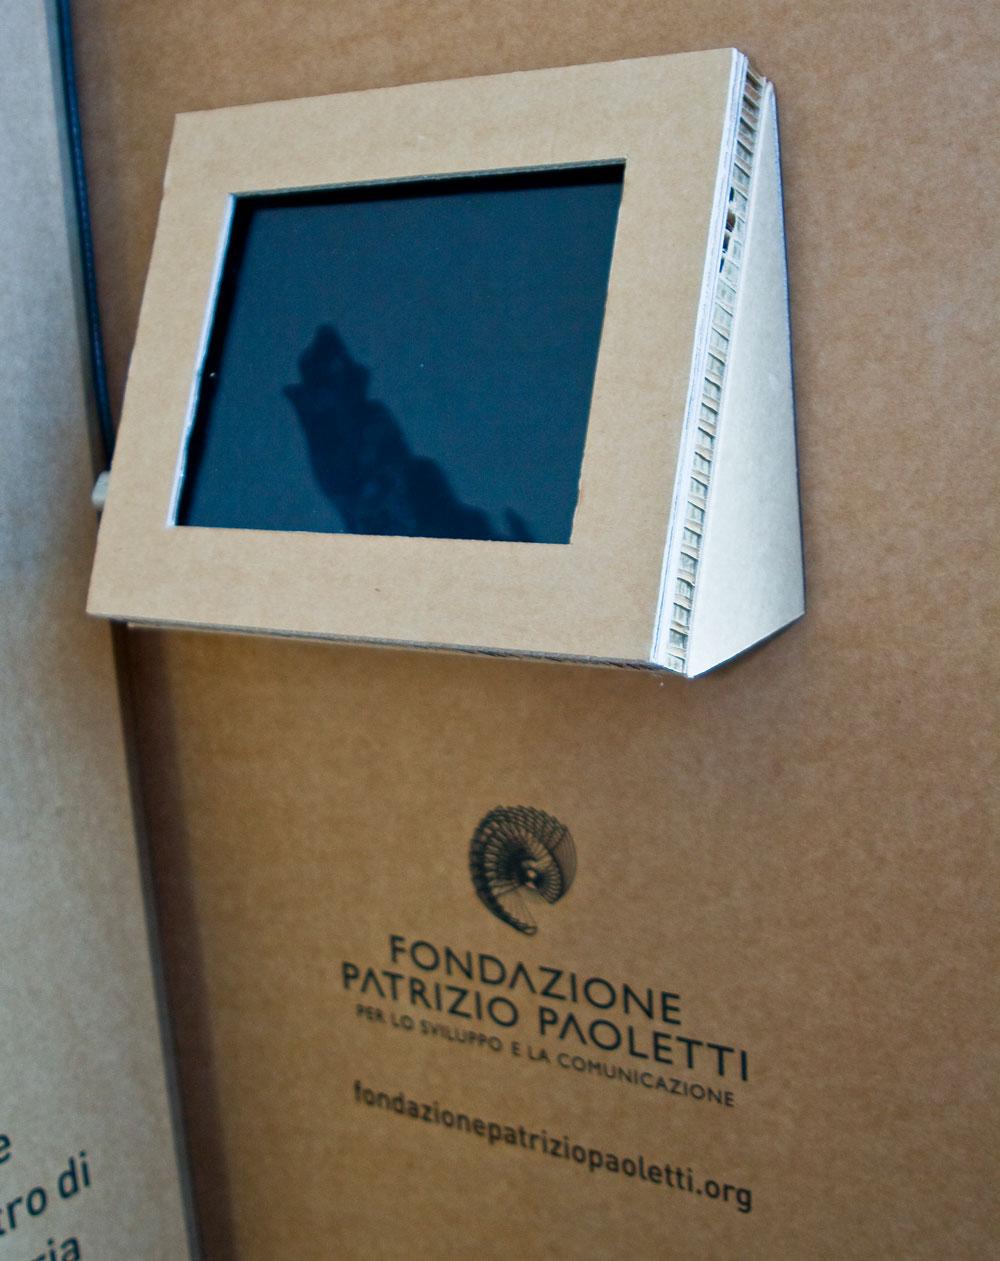 fondazione-paoletti-3